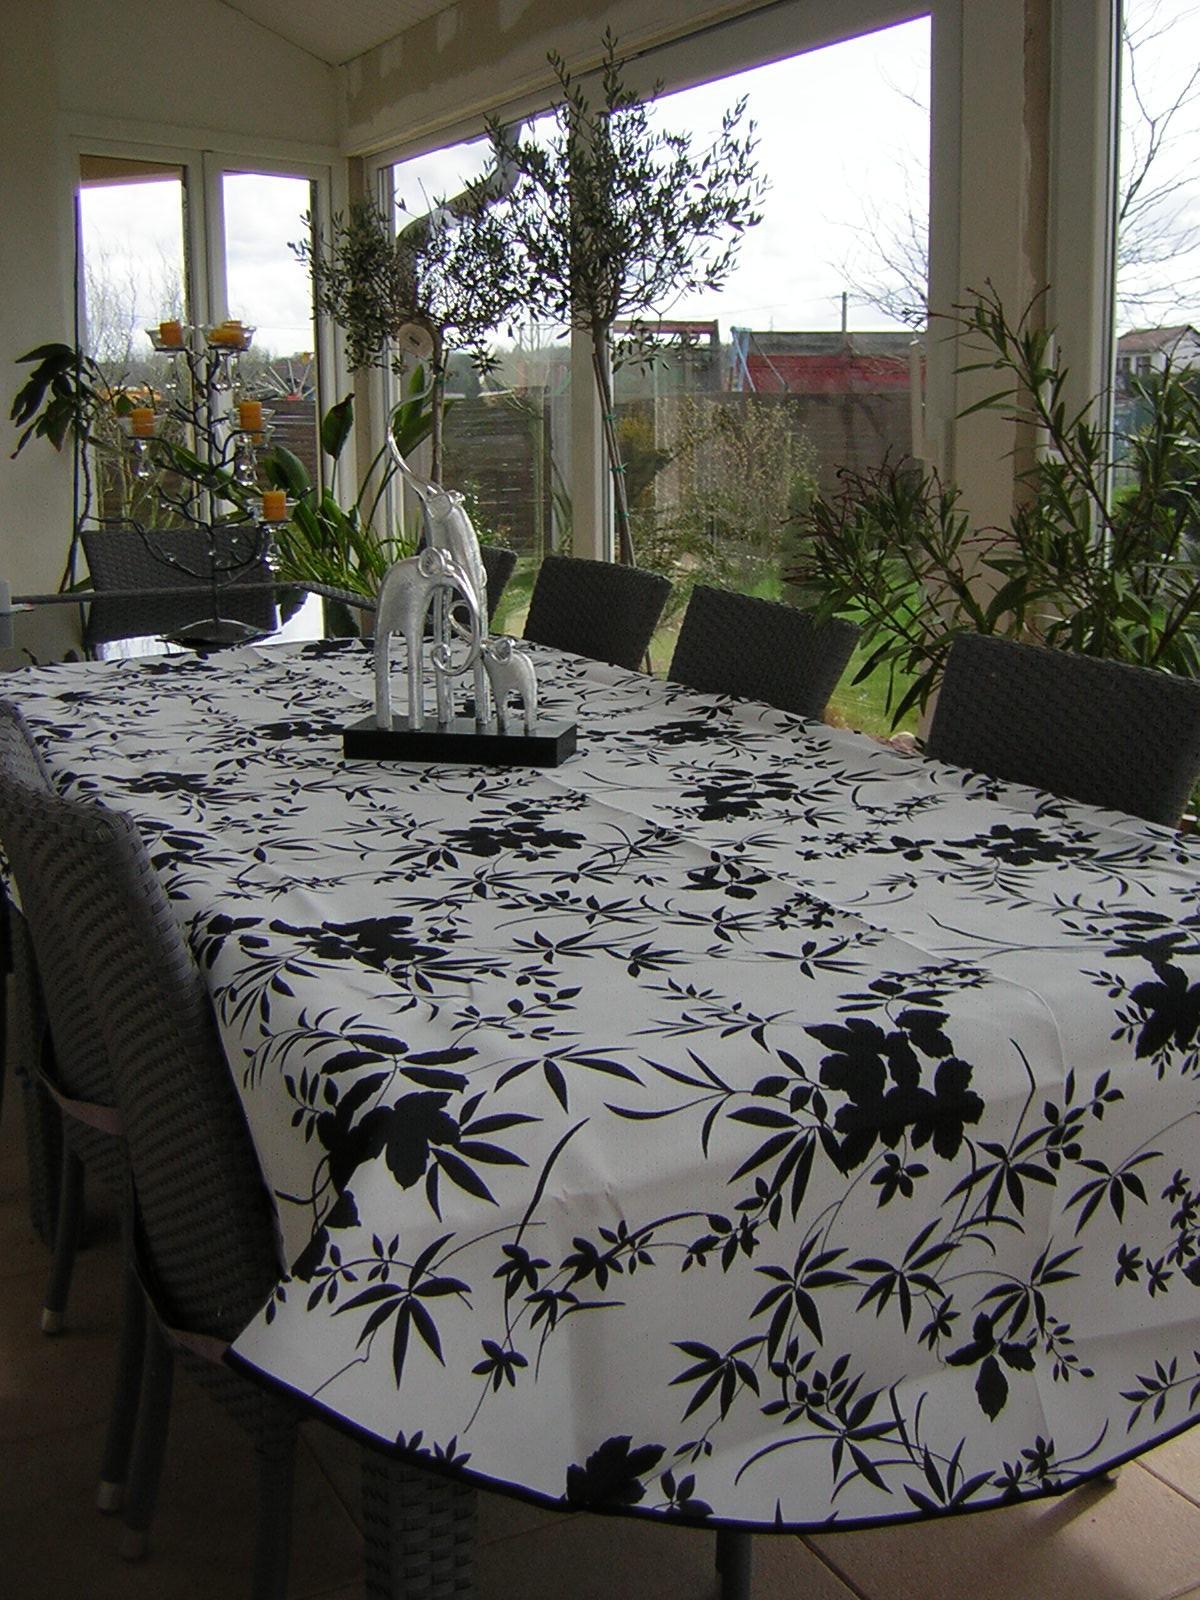 nappe ovale floralie blanc noir. Black Bedroom Furniture Sets. Home Design Ideas